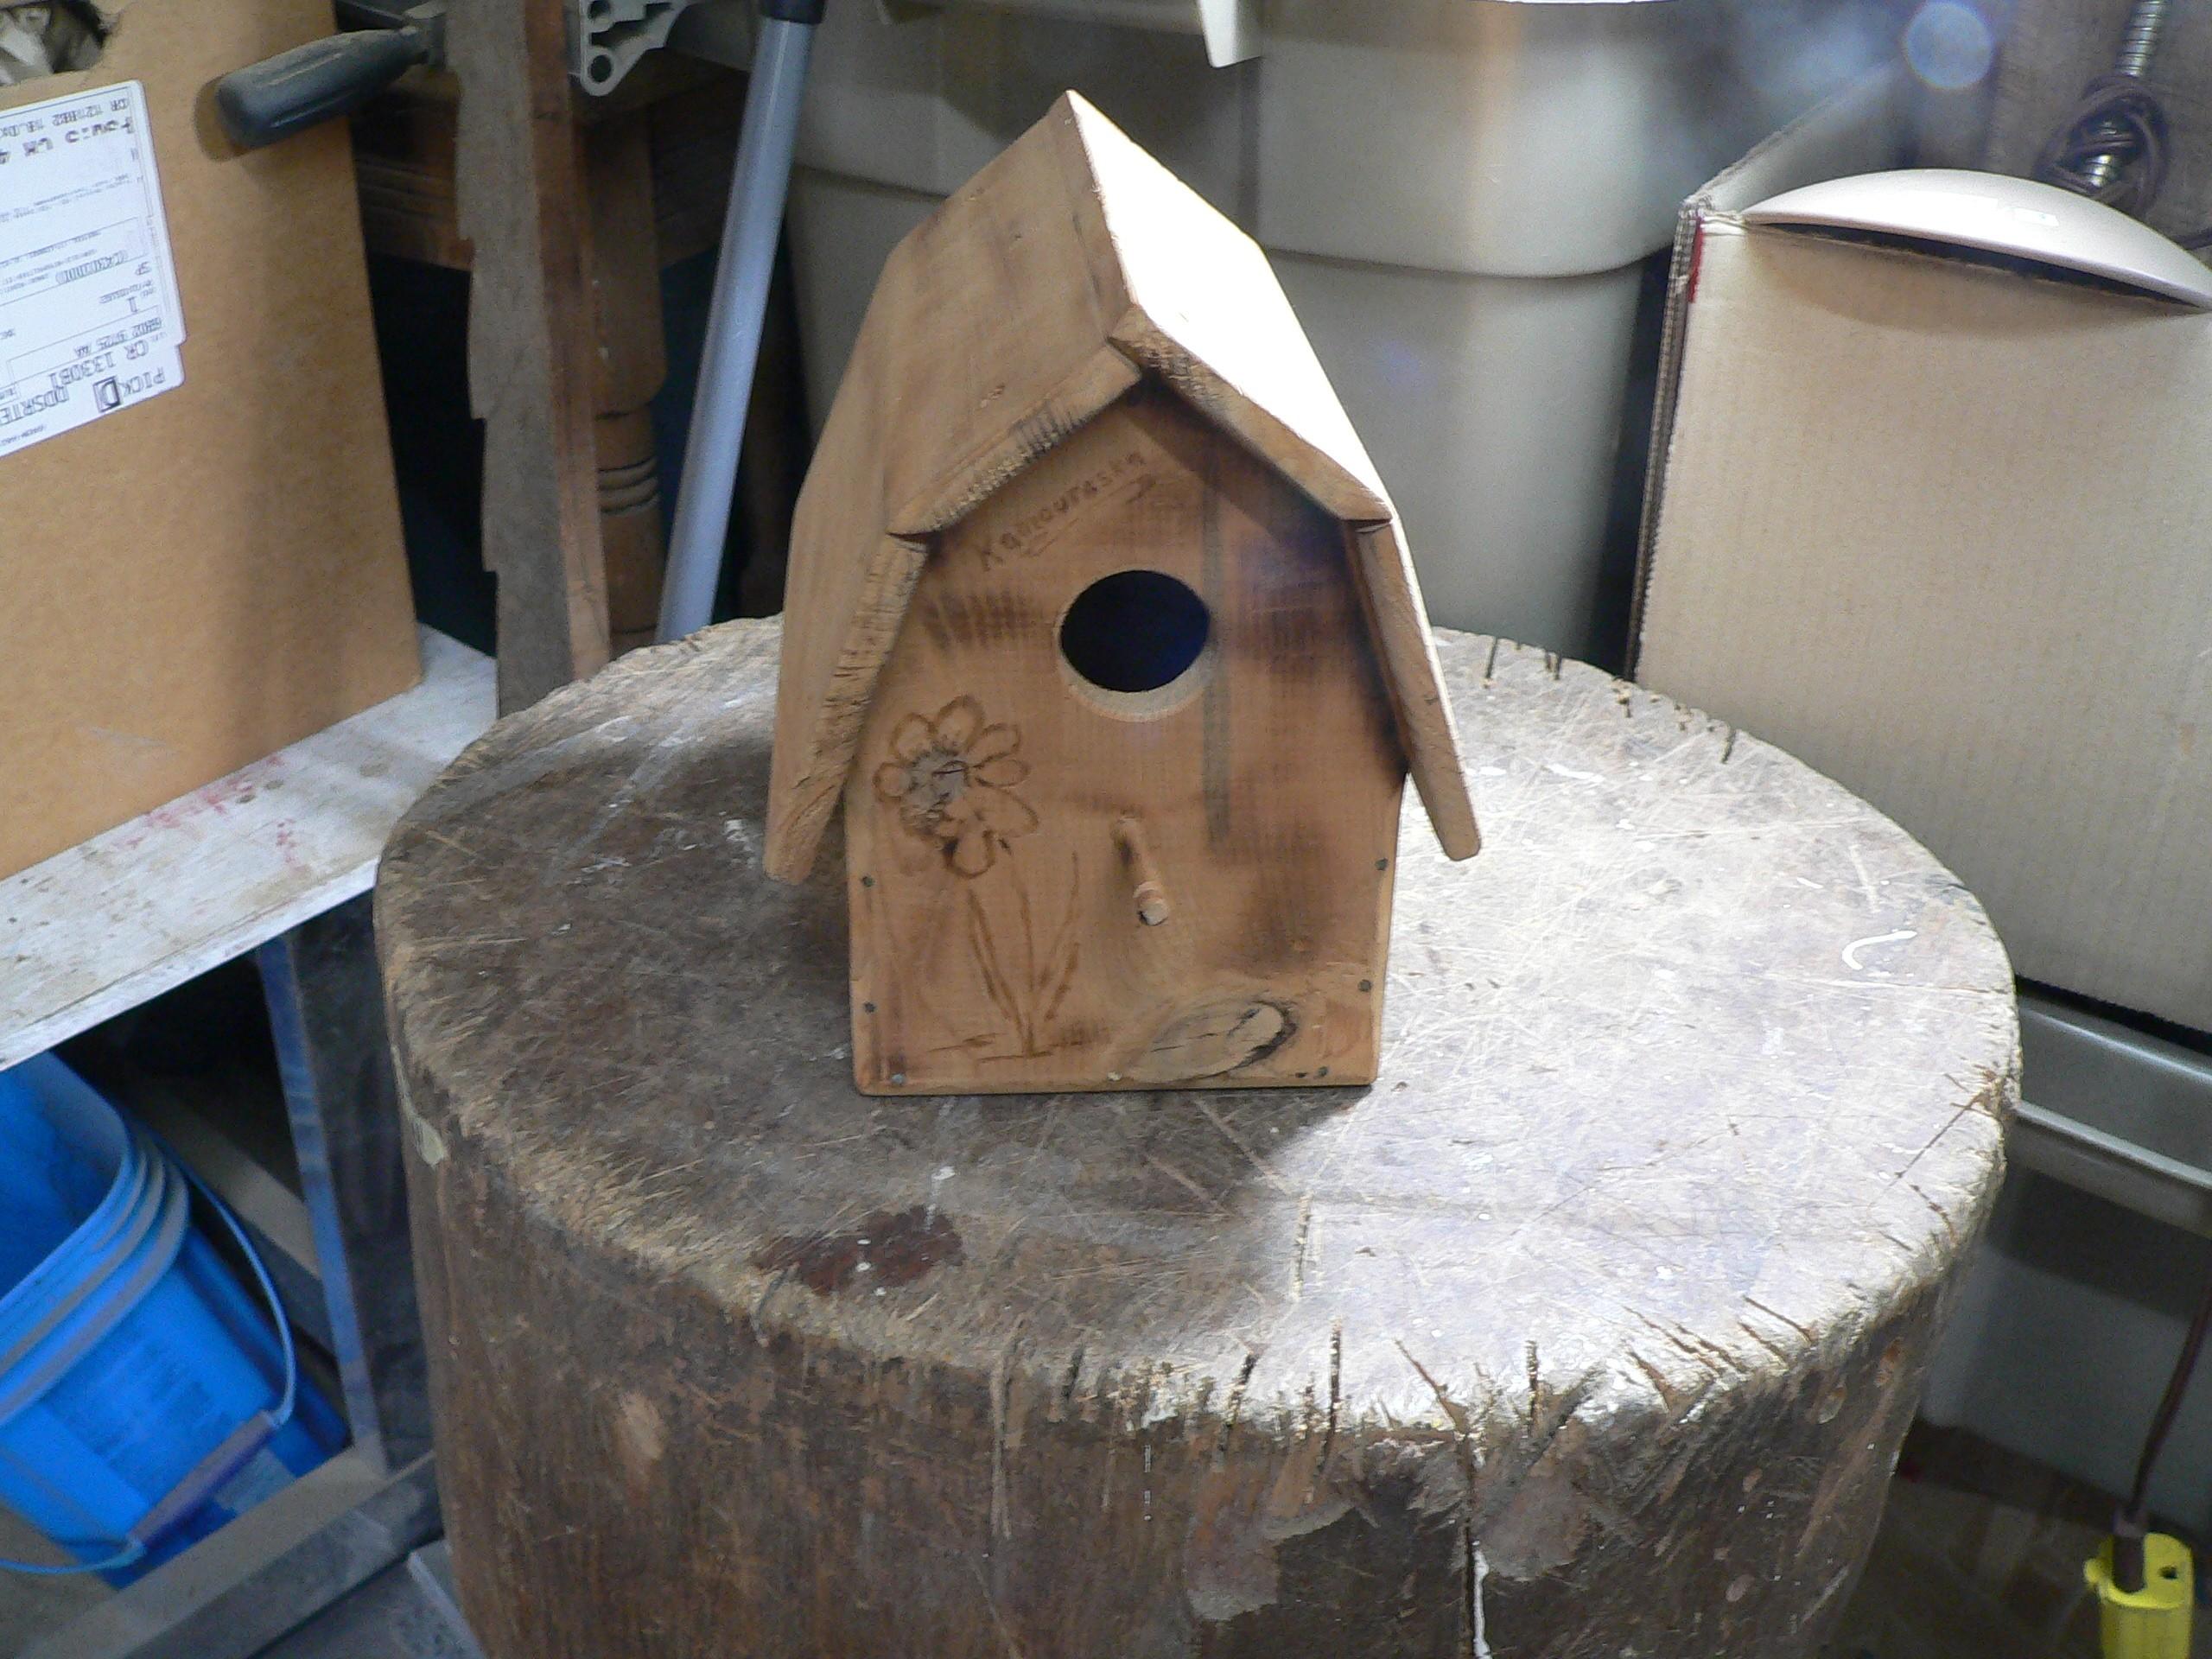 Petite cabane a oiseaux # 7655